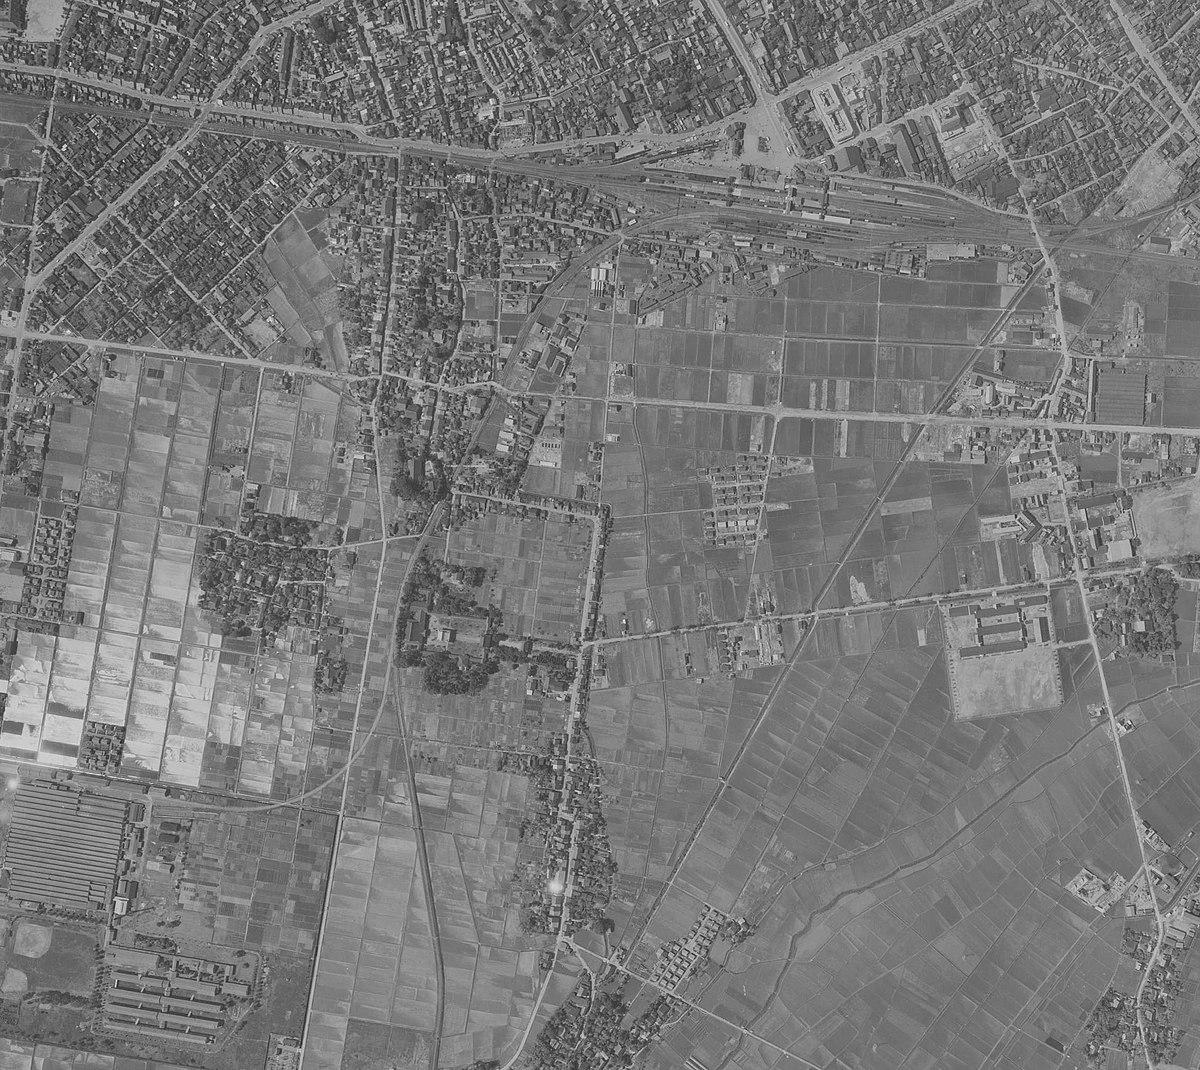 院 国土 航空 写真 地理